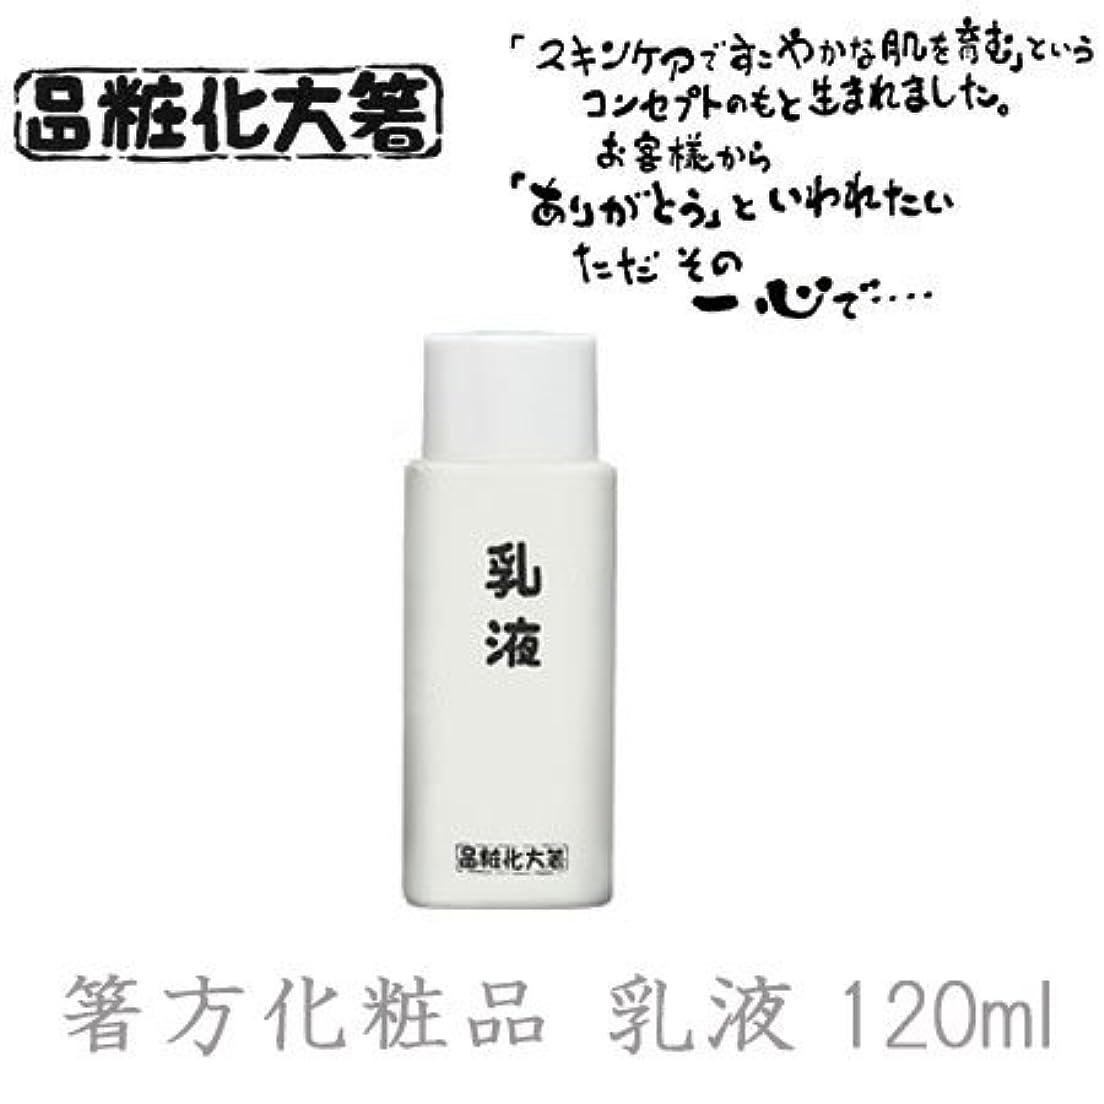 自由フィールド耳箸方化粧品 乳液 120ml はしかた化粧品